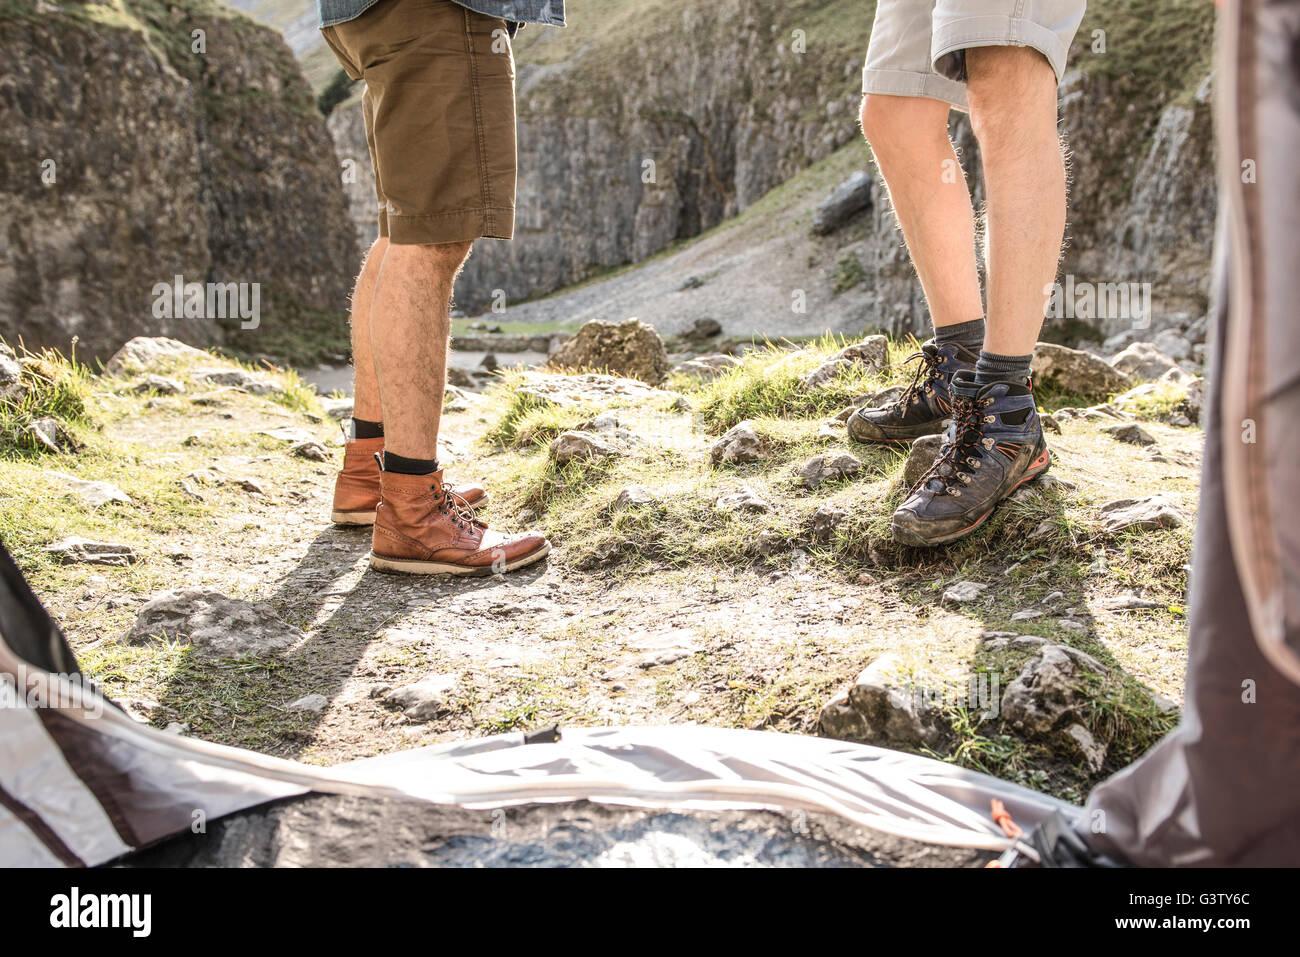 Las piernas de dos hombres vistos desde el interior de la carpa en un terreno escarpado. Imagen De Stock